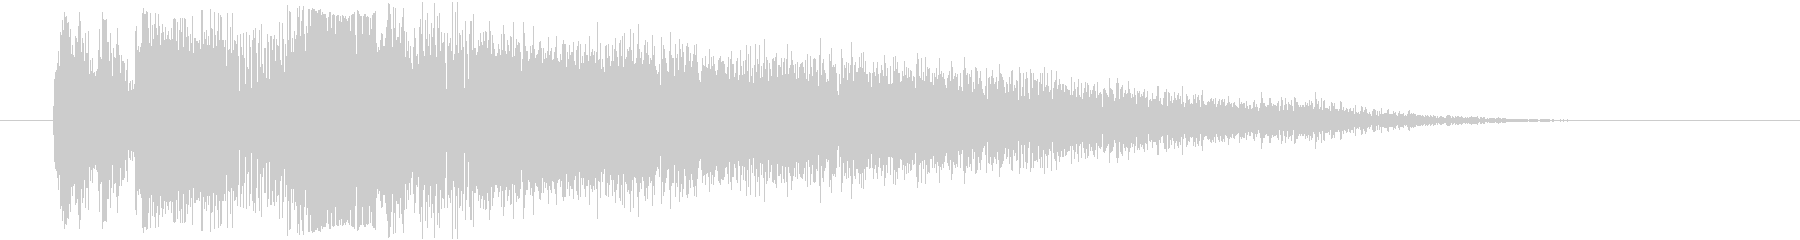 エレクトロ_ハイクオリティージングル_4の未再生の波形